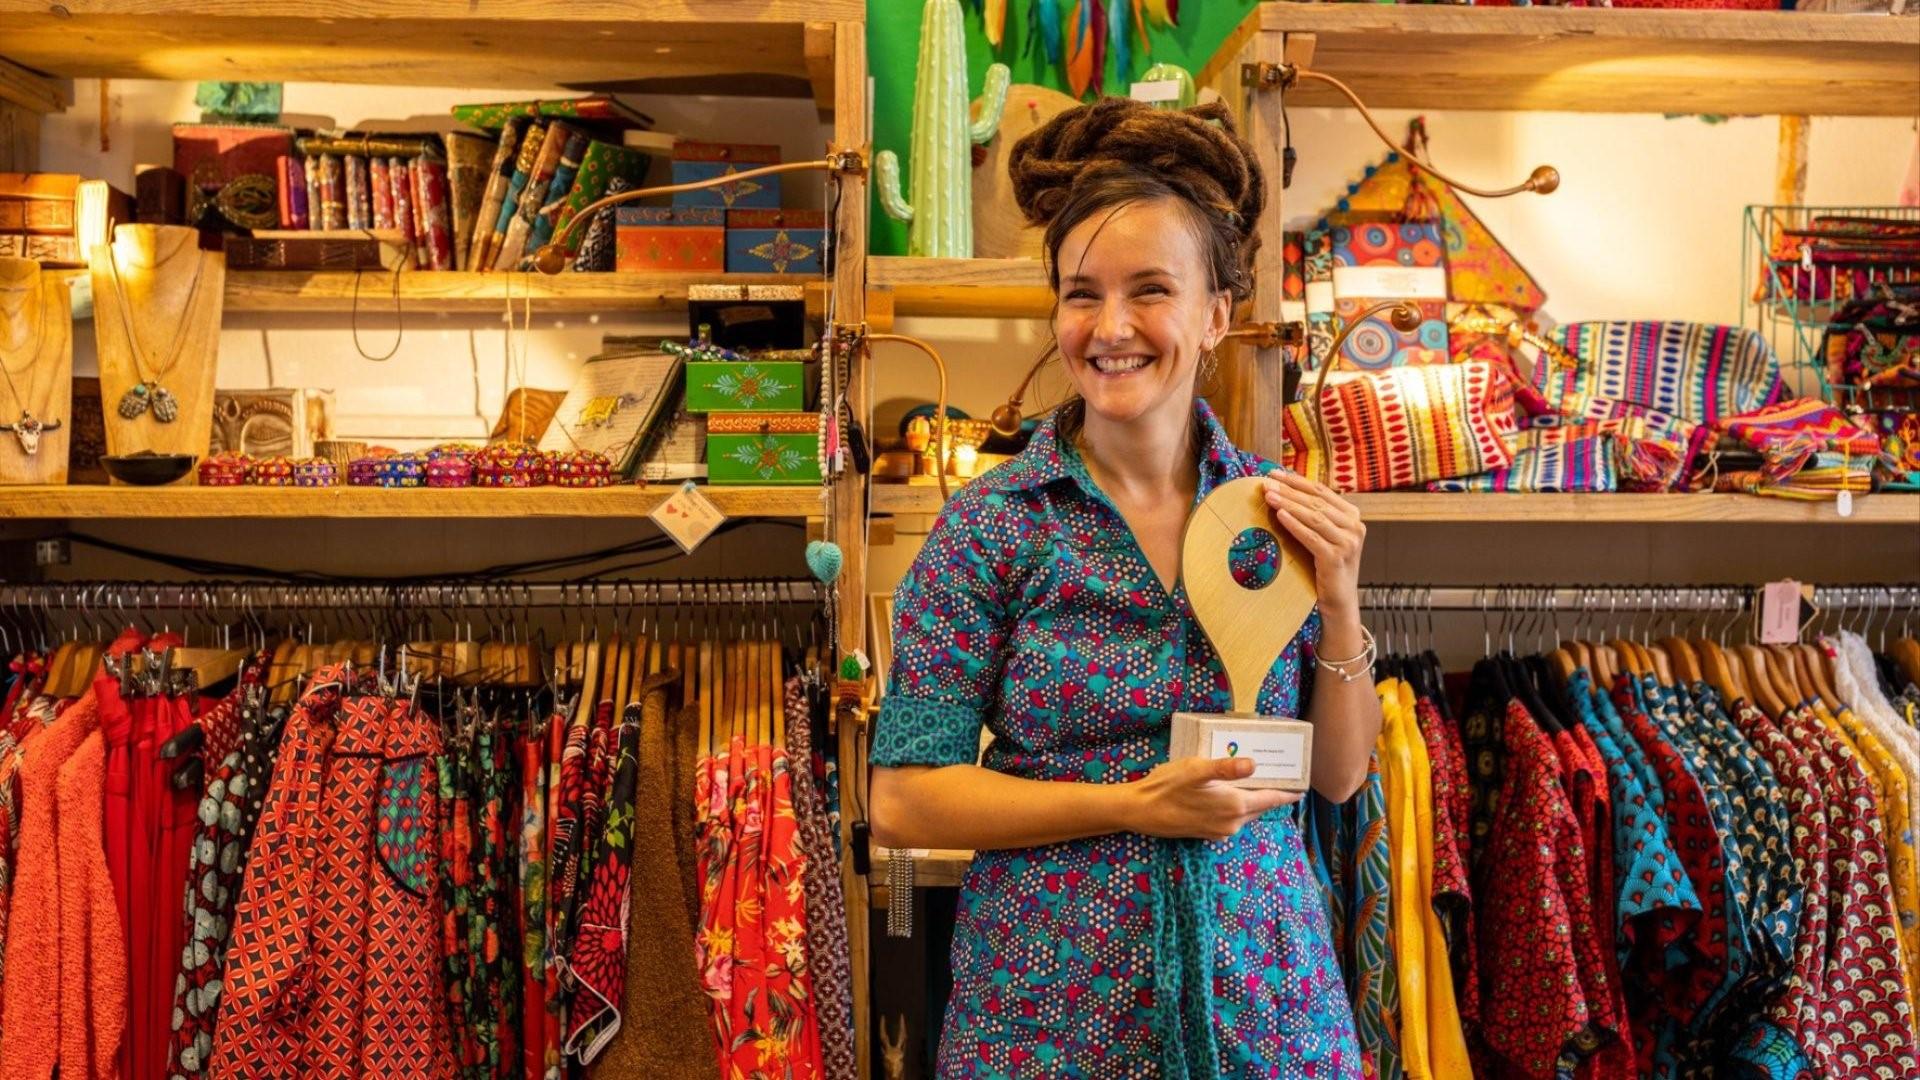 Tantilly uit Deventer wint Google Golden Pin Award: 'Wij zijn super trots'